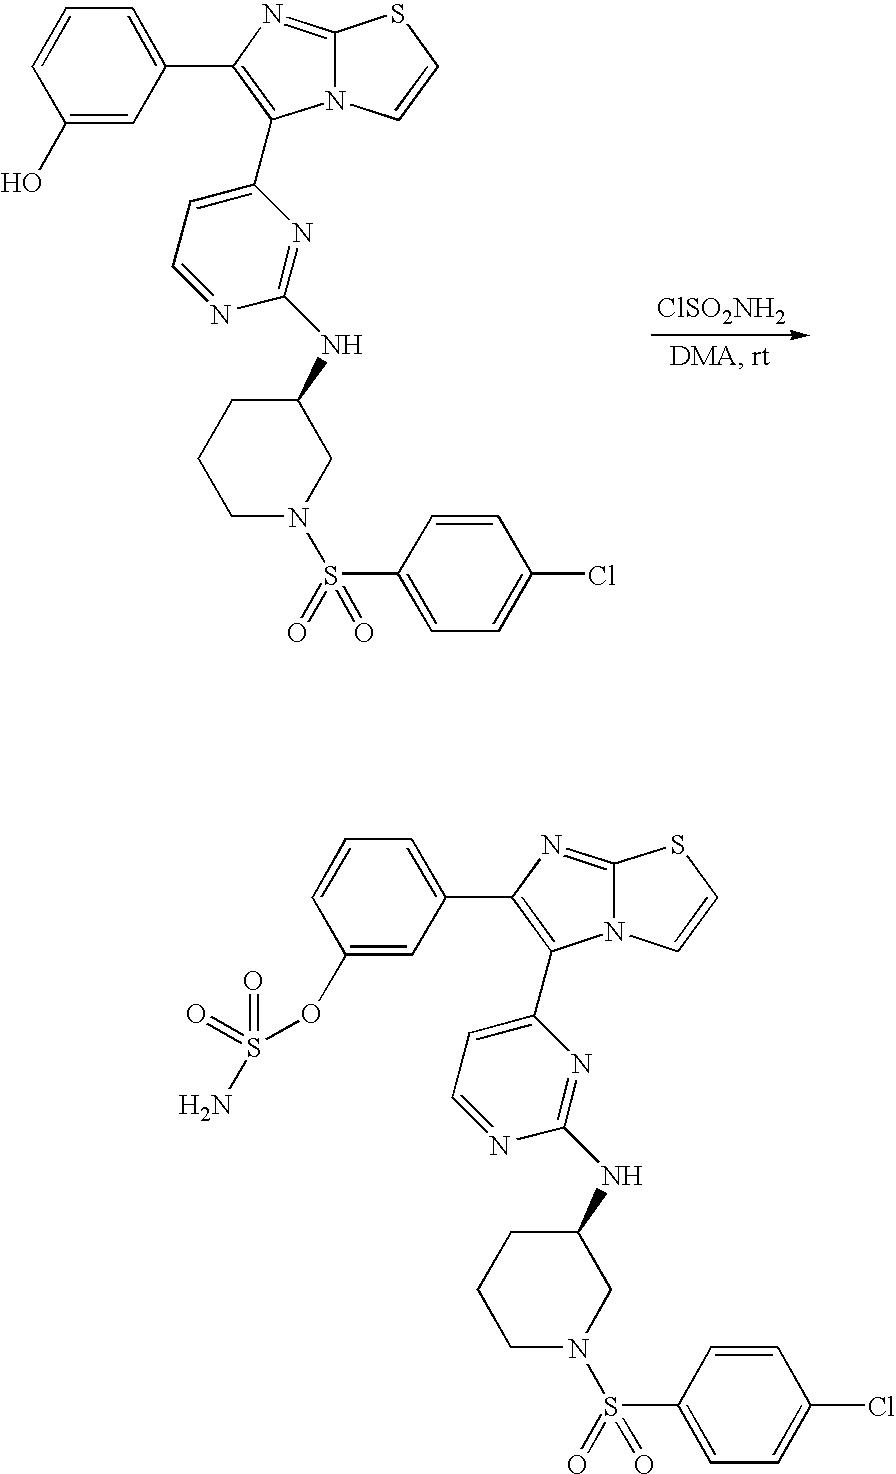 Figure US20090136499A1-20090528-C00065